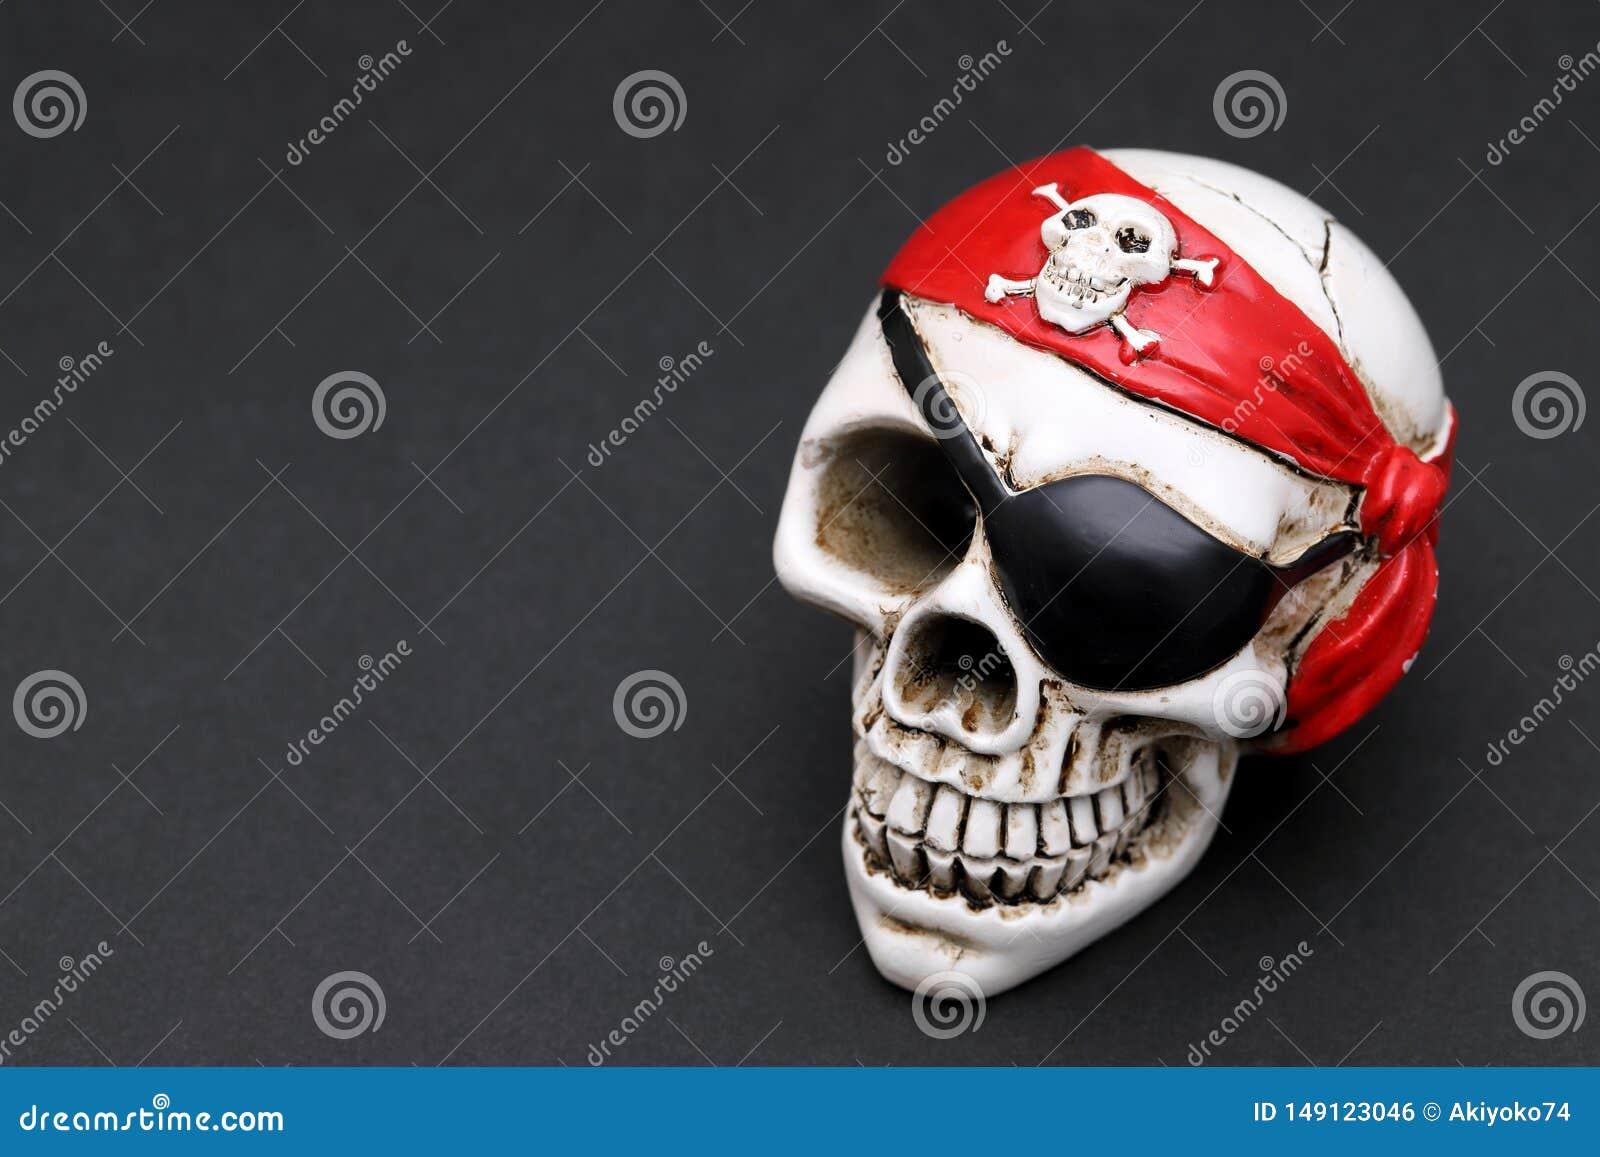 Κρανίο πειρατών με το κόκκινο επικεφαλής μαντίλι για το κεφάλι